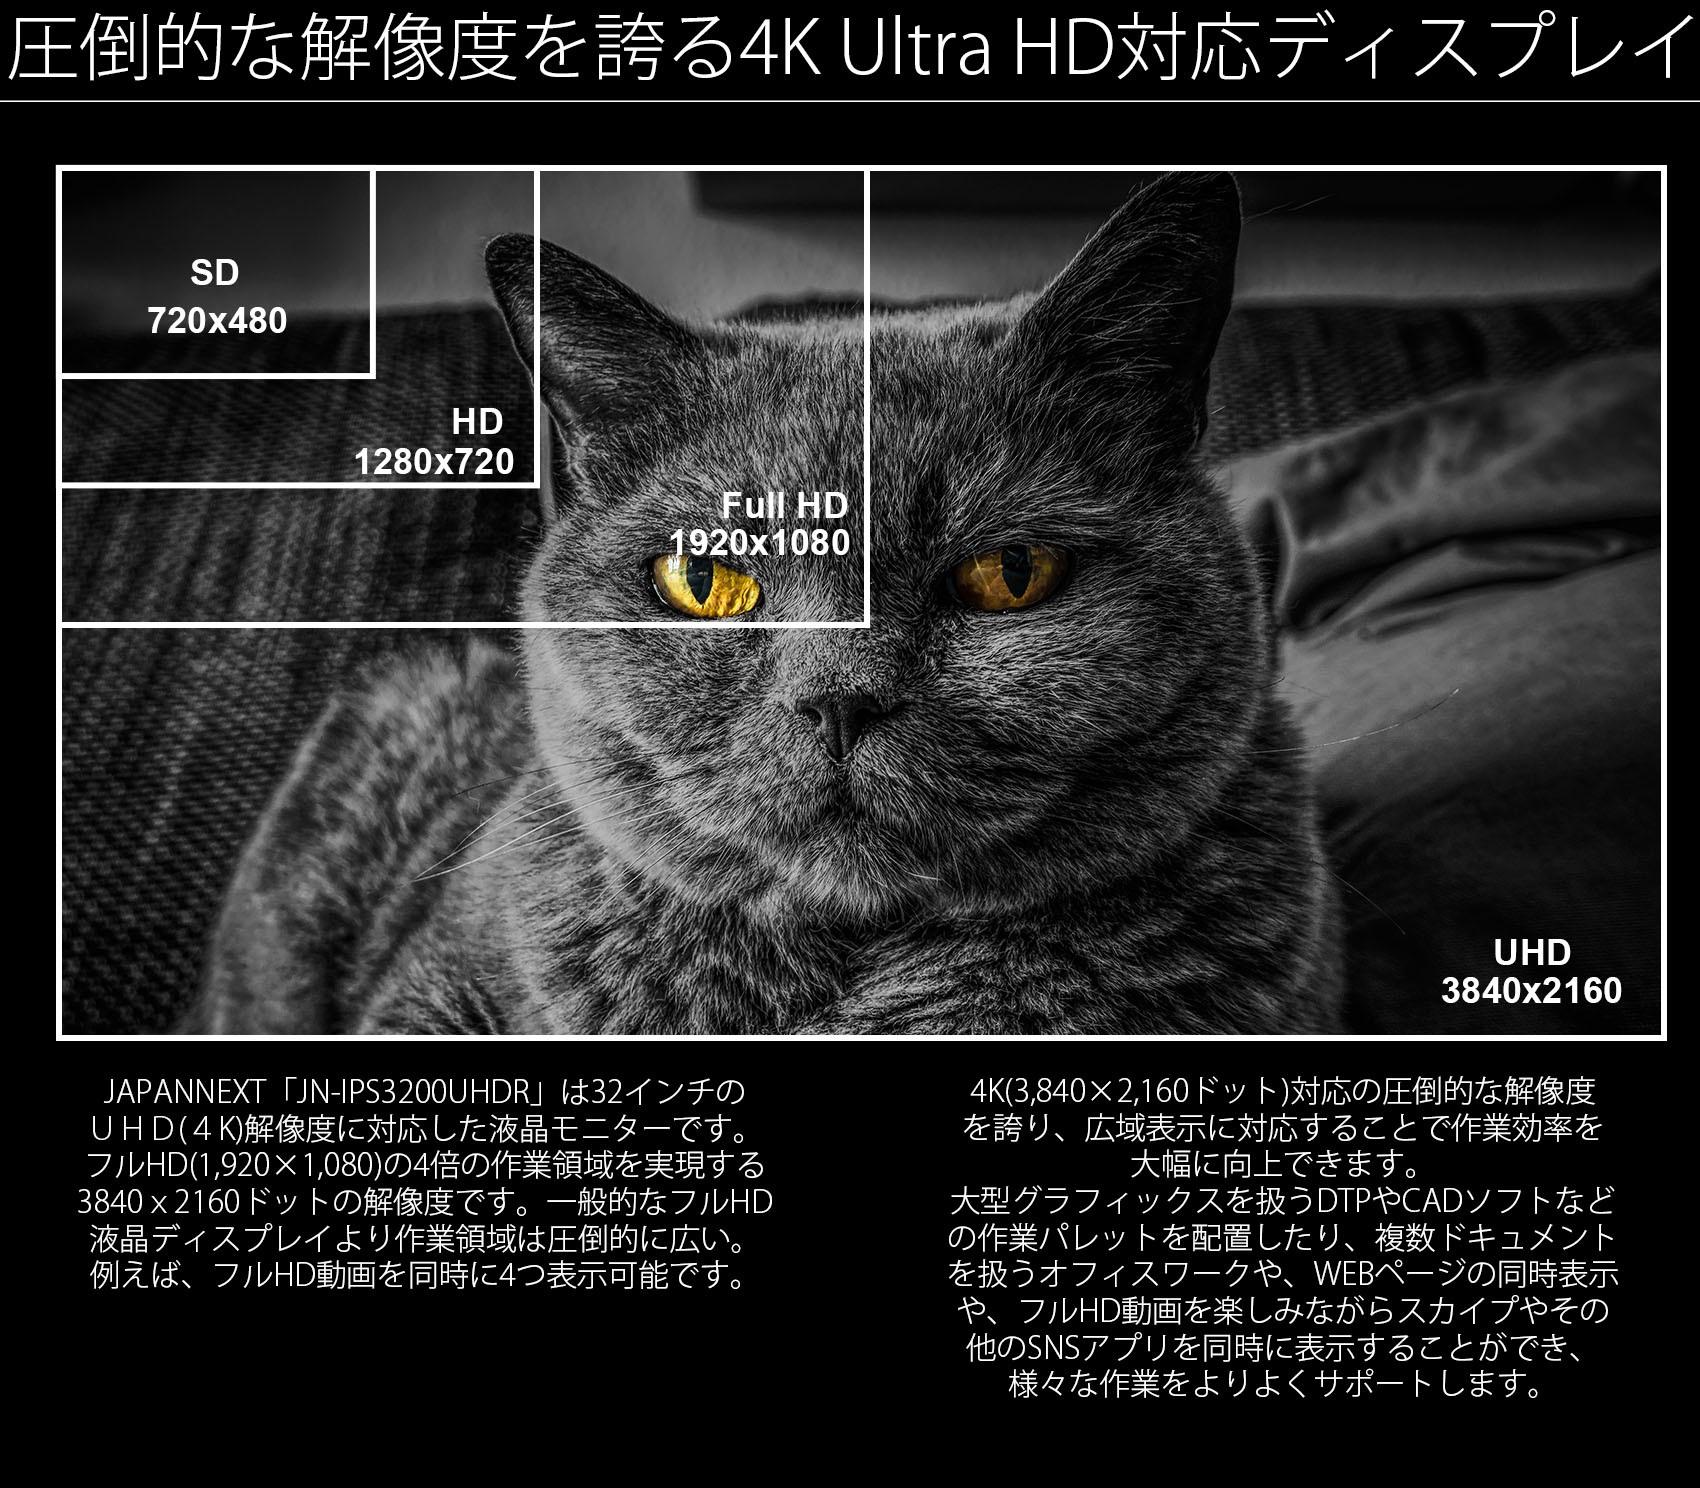 JAPANNEXT「JN-IPS320CUHDR」は32インチのUHD(4K)解像度に対応した液晶ディスプレイです。フルHD(1920×1080)の4倍の作業領域を実現する3840x2160ドットの解像度です。一般的なフルHD液晶ディスプレイより作業領域は圧倒的に広い。例えば、フルHD動画を同時に4つ表示可能です。4K(3840×2160ドット)対応の圧倒的な解像度を誇り、広域表示に対応することで作業効率を大幅に向上できます。大型グラフィックスを扱うDTPやCADソフトなどの作業パレットを配置したり、複数ドキュメントを扱うオフィスワークや、WEBページの同時表示や、フルHD動画を楽しみながらスカイプやその他のSNSアプリを同時に表示することができ、様々な作業をよりよくサポートします。